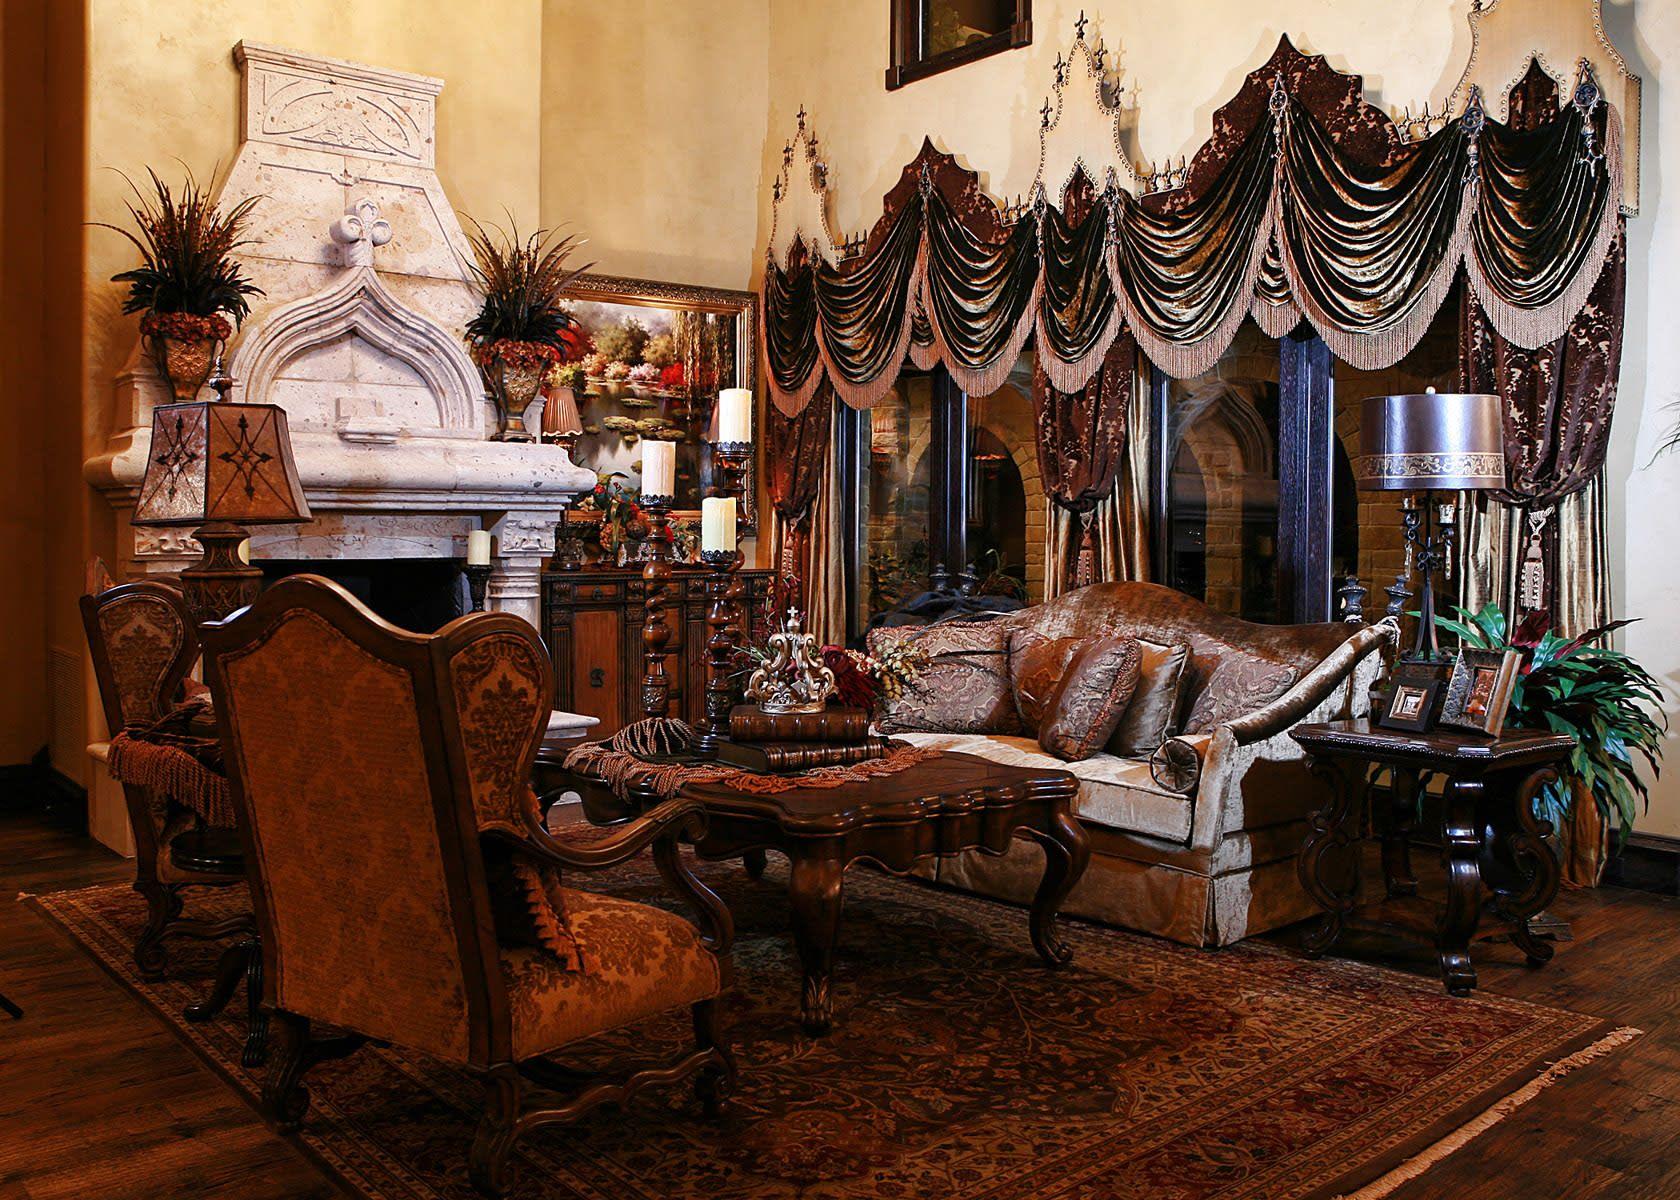 Interior Design In Fort Worth Texas | Luxury Interior Design | Grandeur  Design